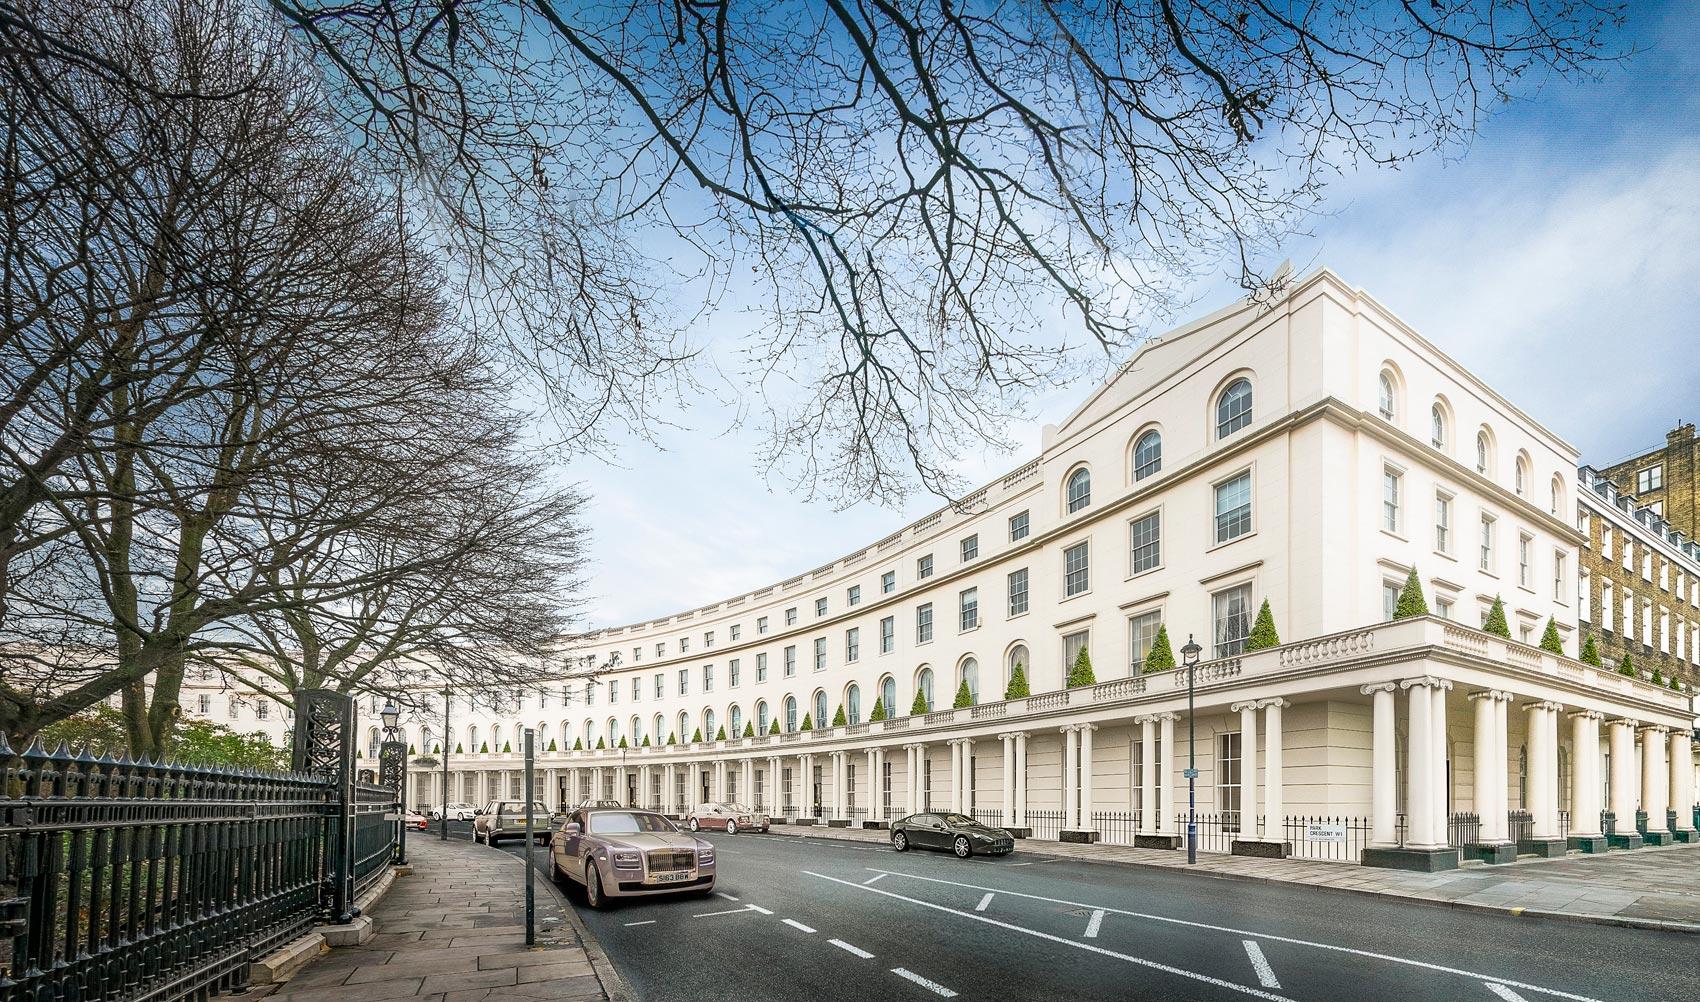 Amazon Property Launch The £200 million Super-Luxury Park Crescent Development